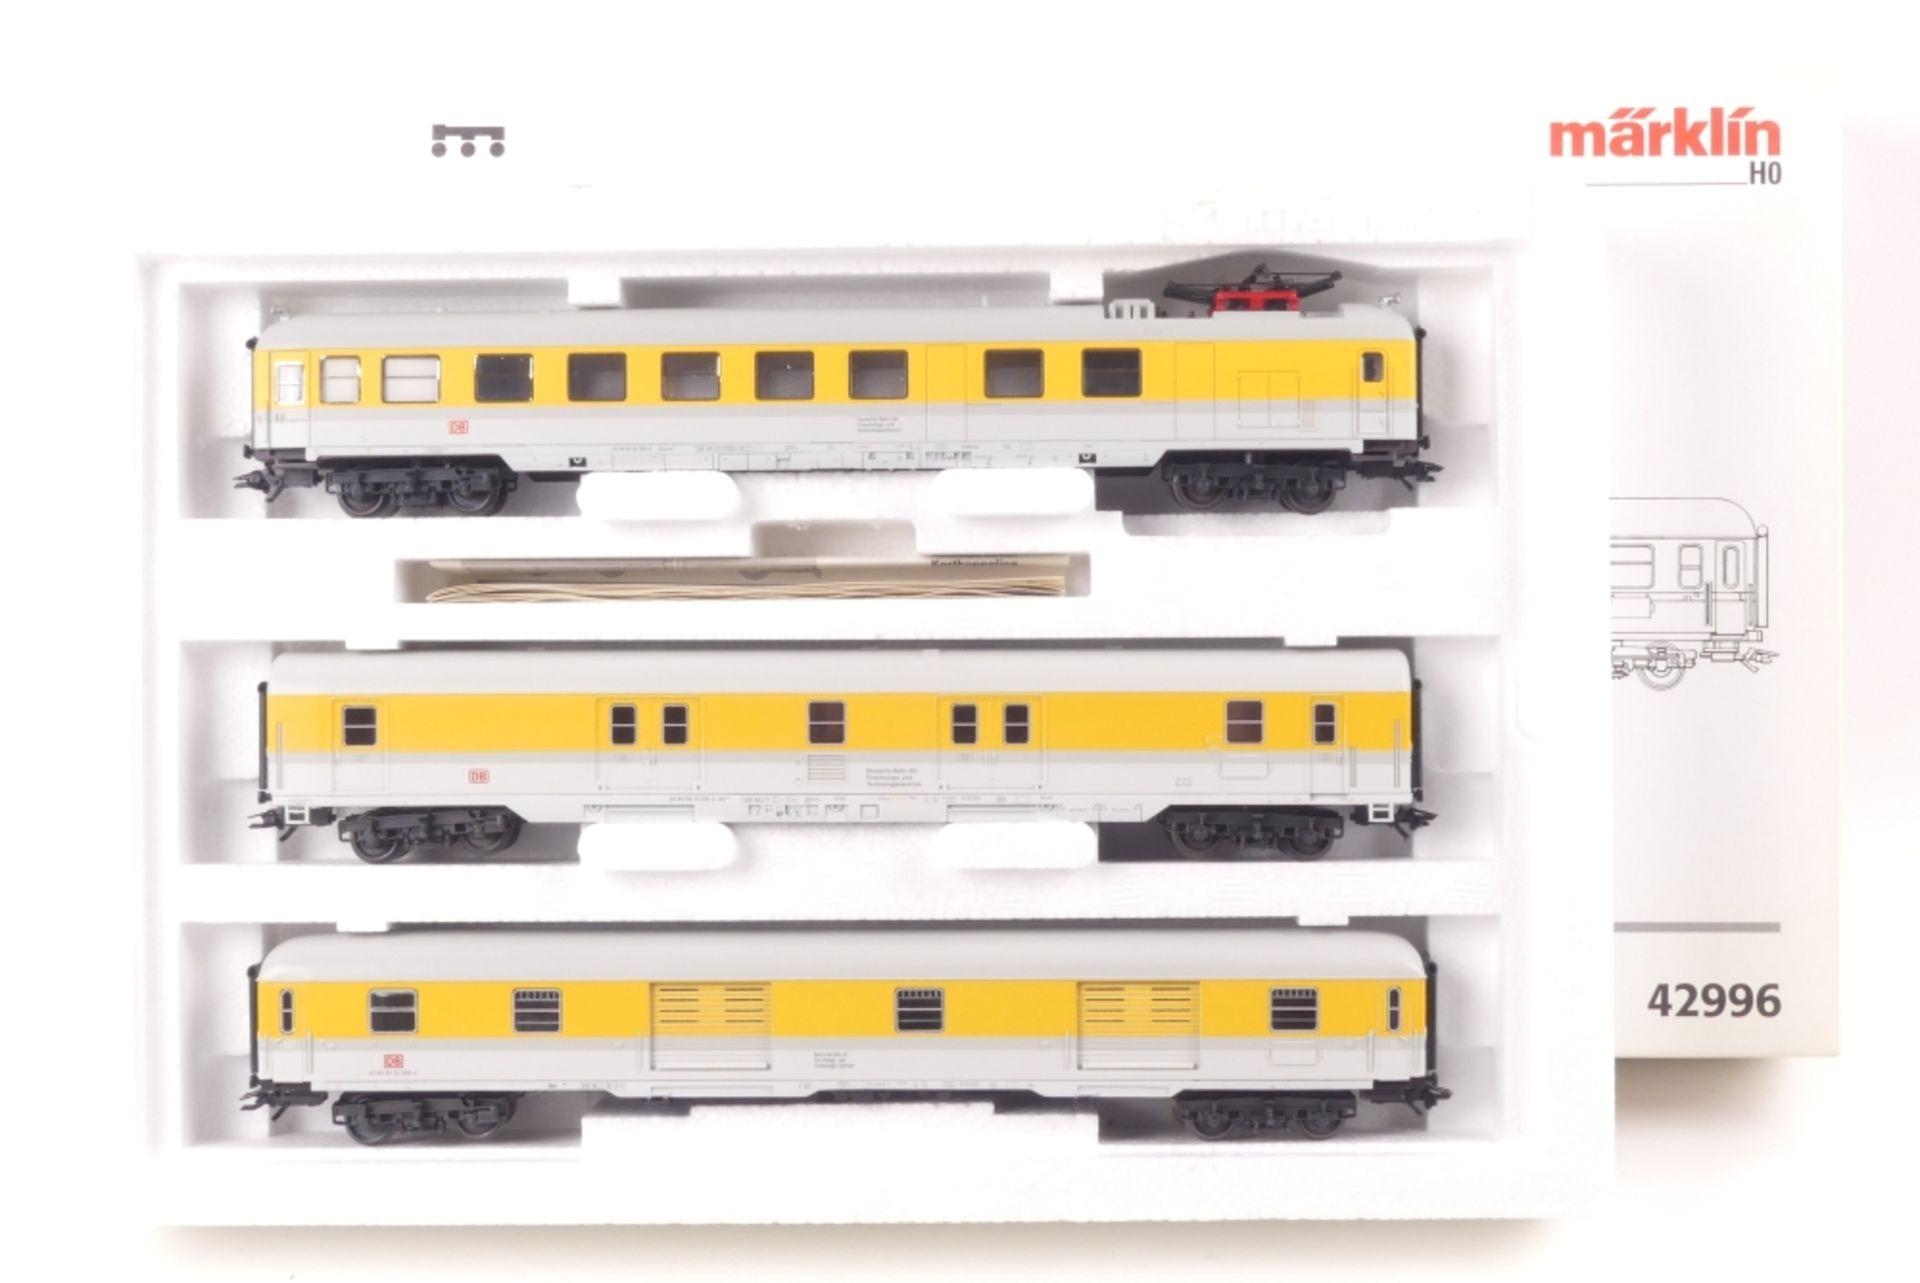 Märklin Wagen-SetMärklin Wagen-Set, 42996, Messwagen, auf Gleichstromachsen umgerüs